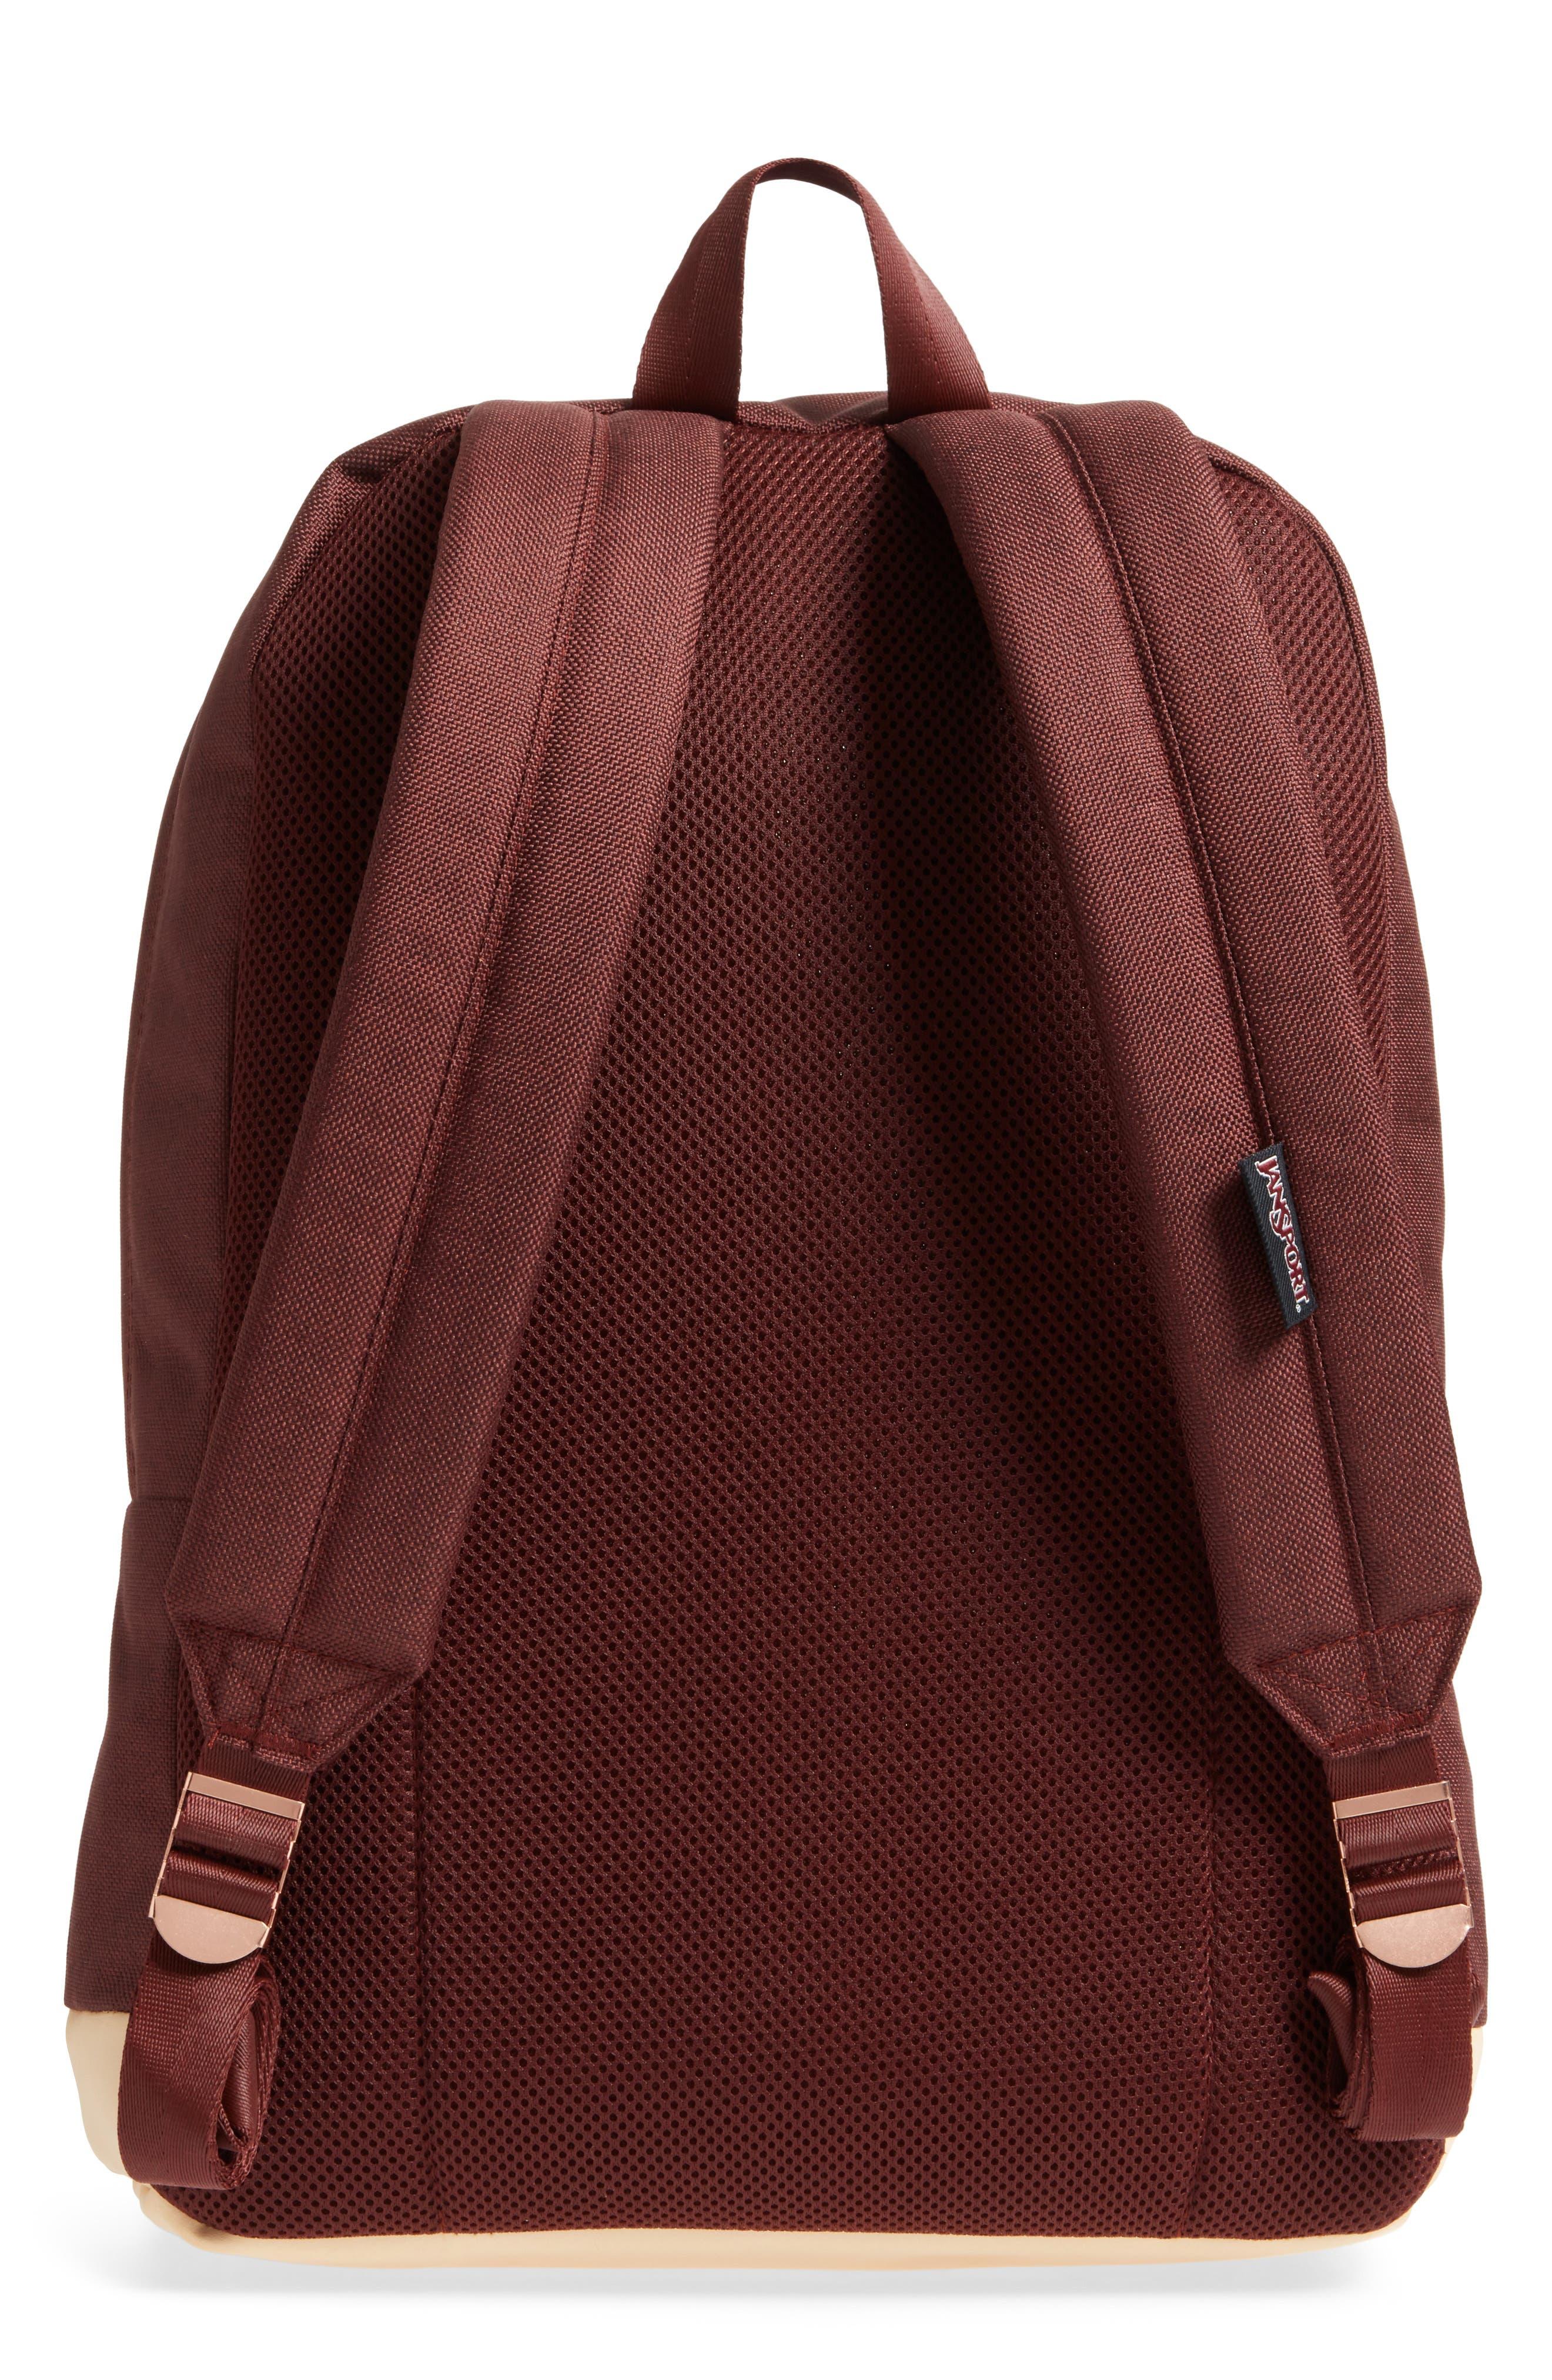 Red Rocks Axiom Backpack,                             Alternate thumbnail 3, color,                             Maroon Tweed